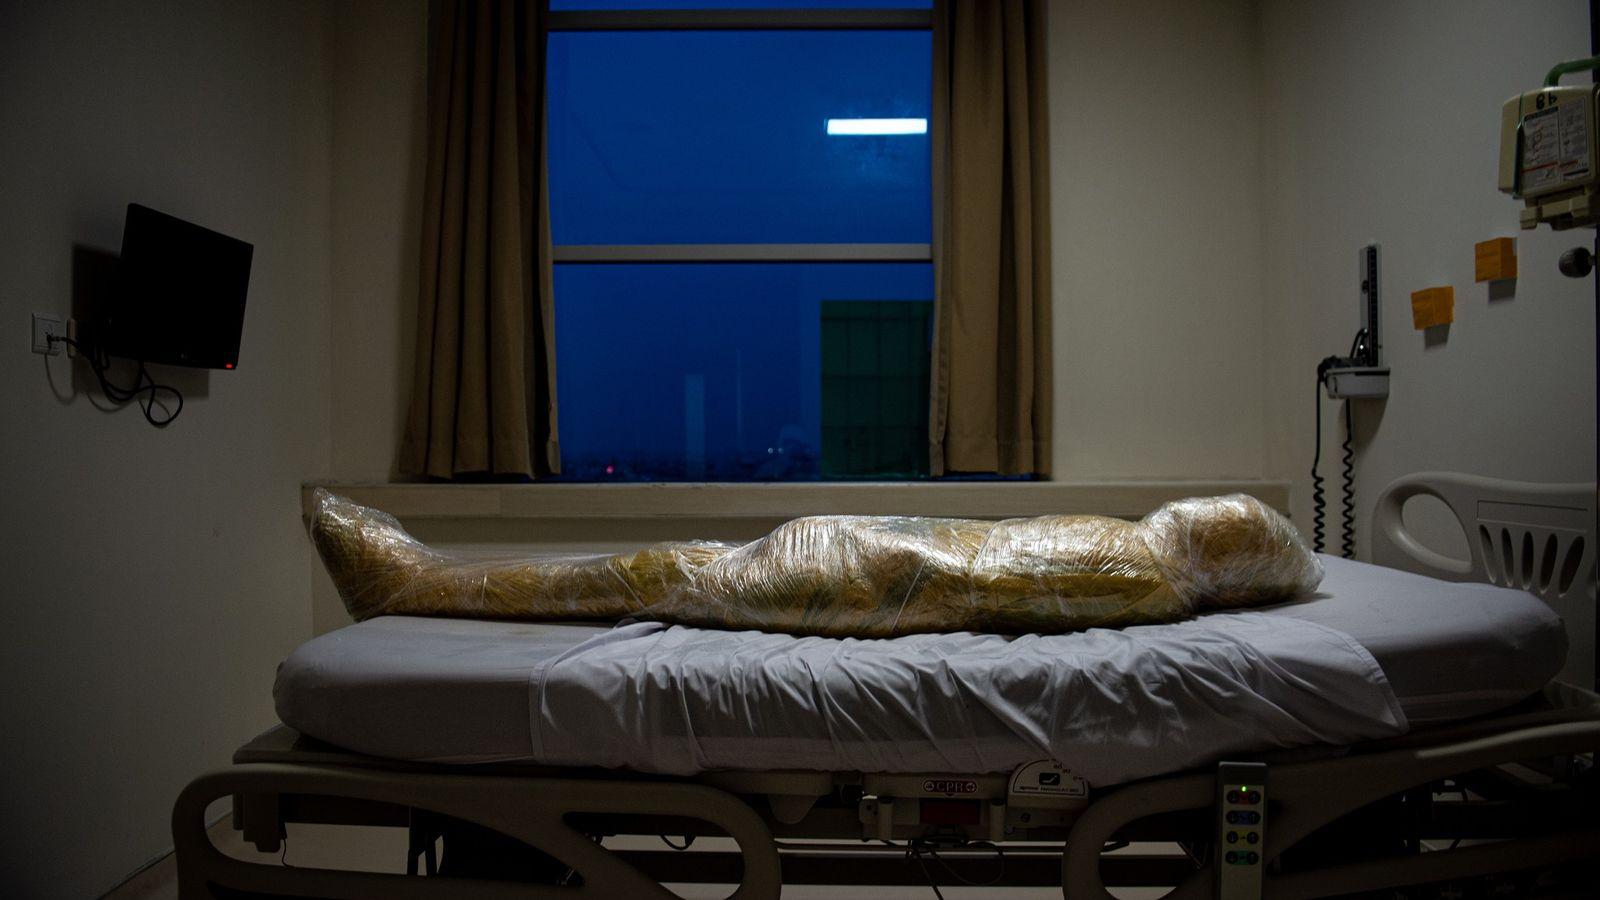 Le corps d'une victime présumée de la COVID-19 repose dans un hôpital indonésien. Après le décès du patient, les ...